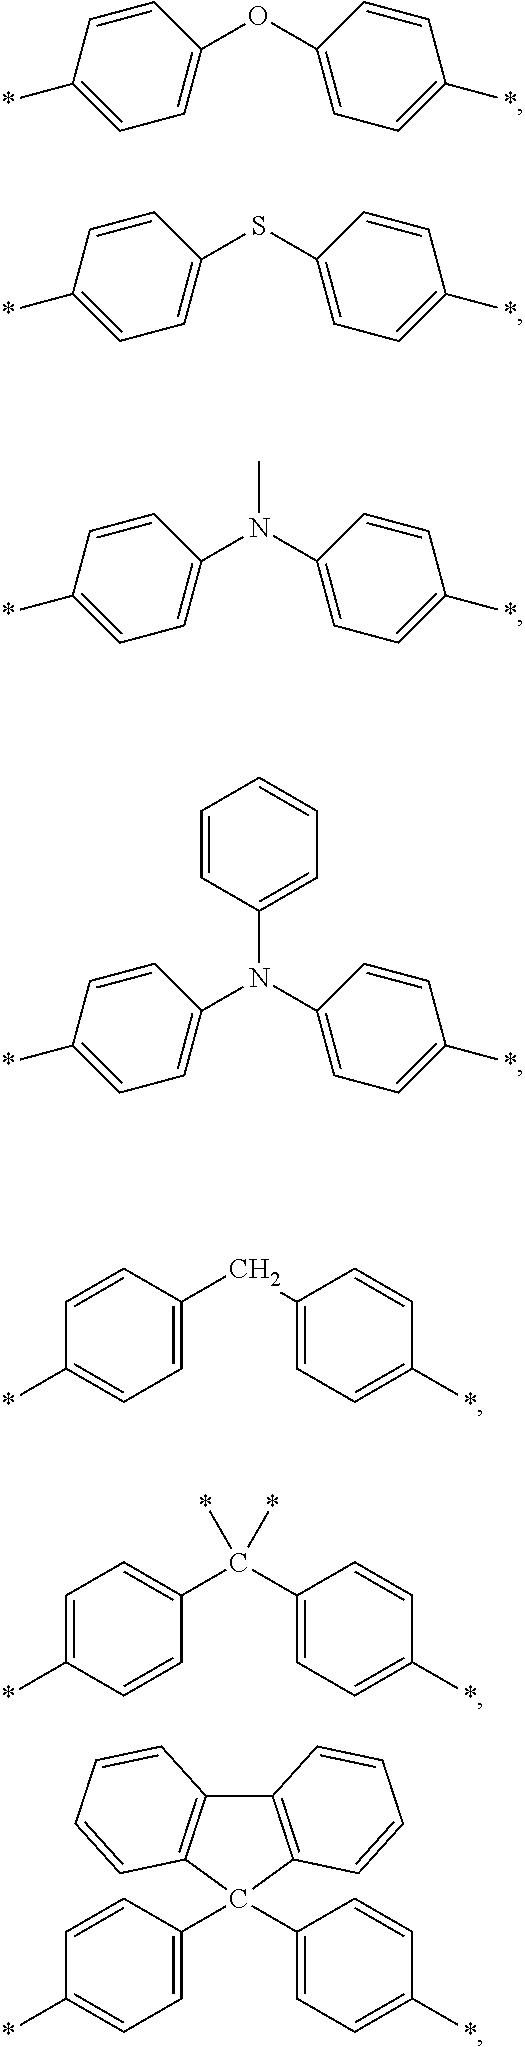 Figure US09271498-20160301-C00009